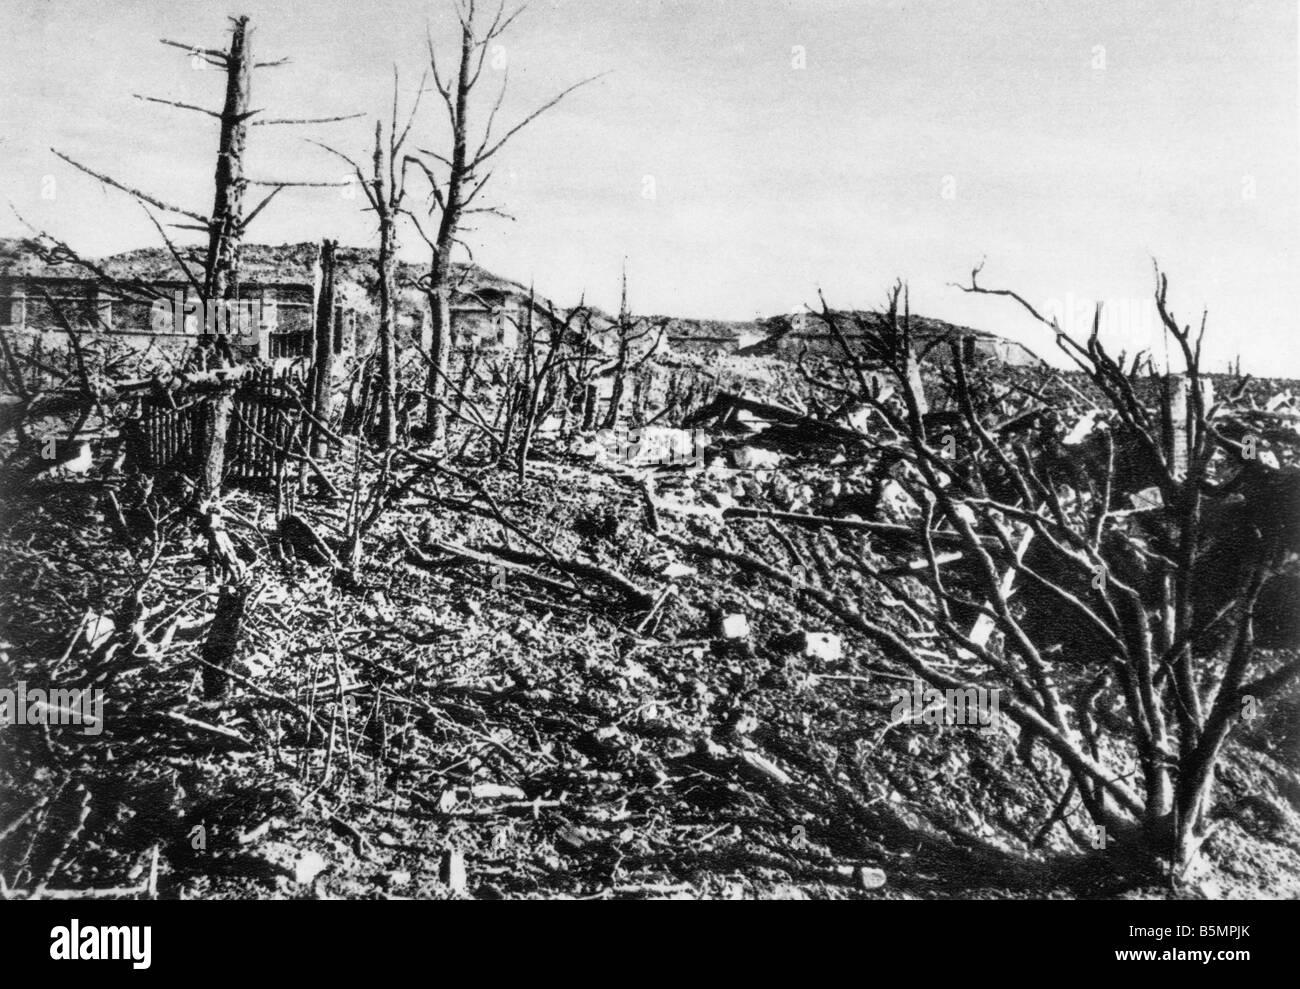 9 1916 3 15 A1 E Battle near Verdun View of Fort Vaux World War I Western Front Battle near Verdun 1916 View of Stock Photo